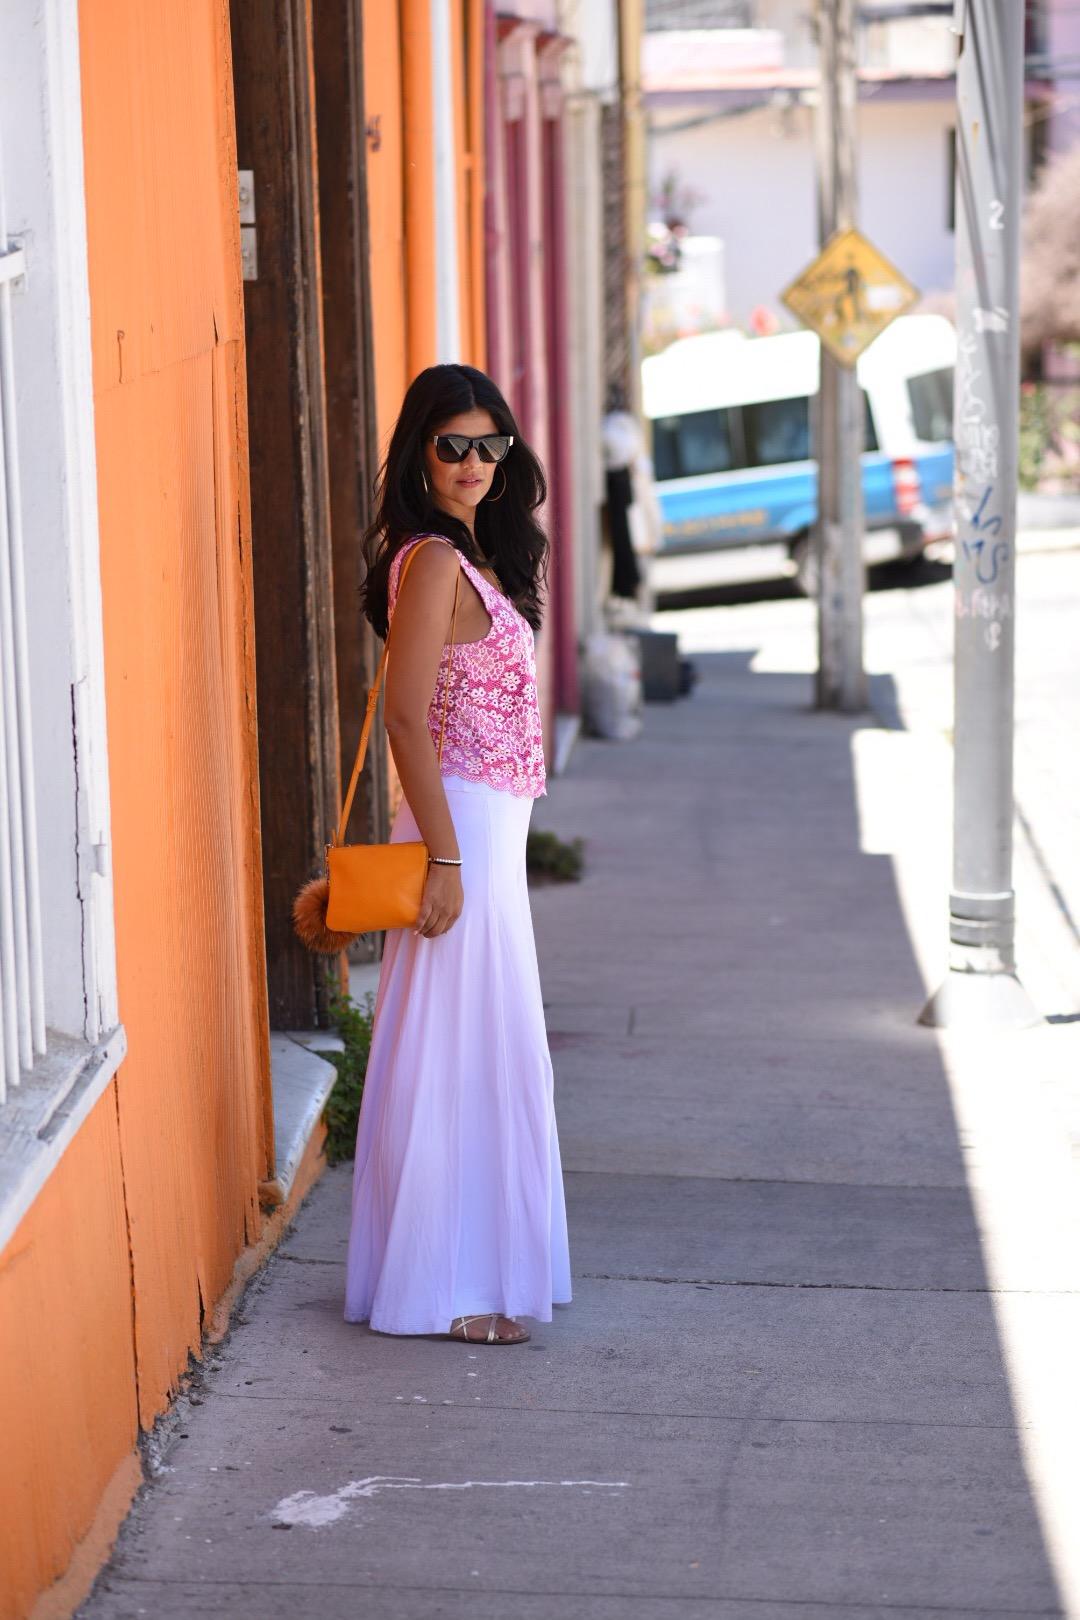 look-pantalona-top-beta-pinheiro-blogueira-chile-brasil